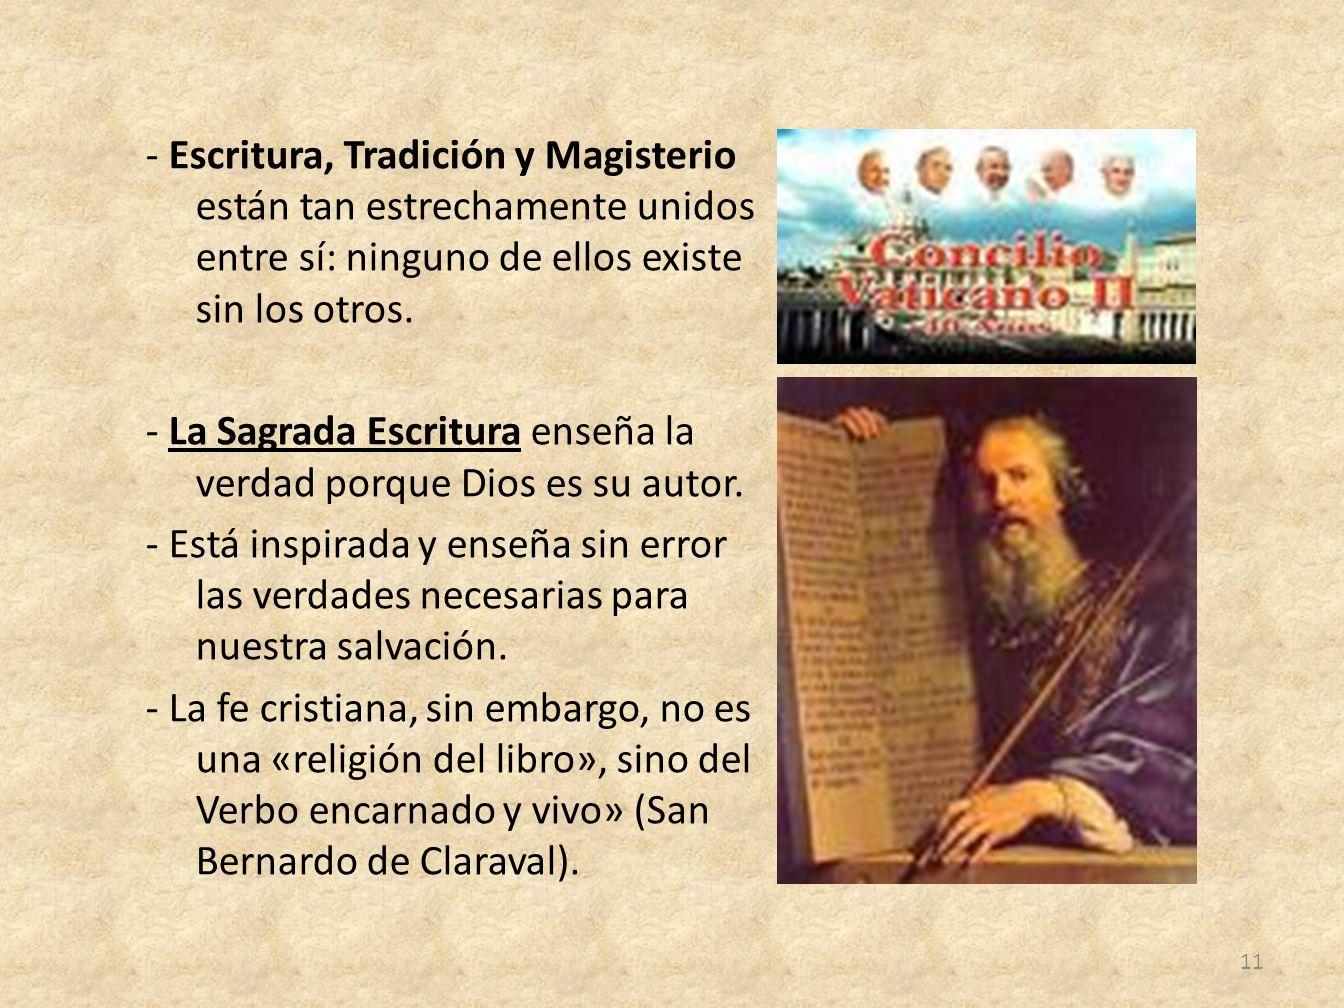 - Escritura, Tradición y Magisterio están tan estrechamente unidos entre sí: ninguno de ellos existe sin los otros.